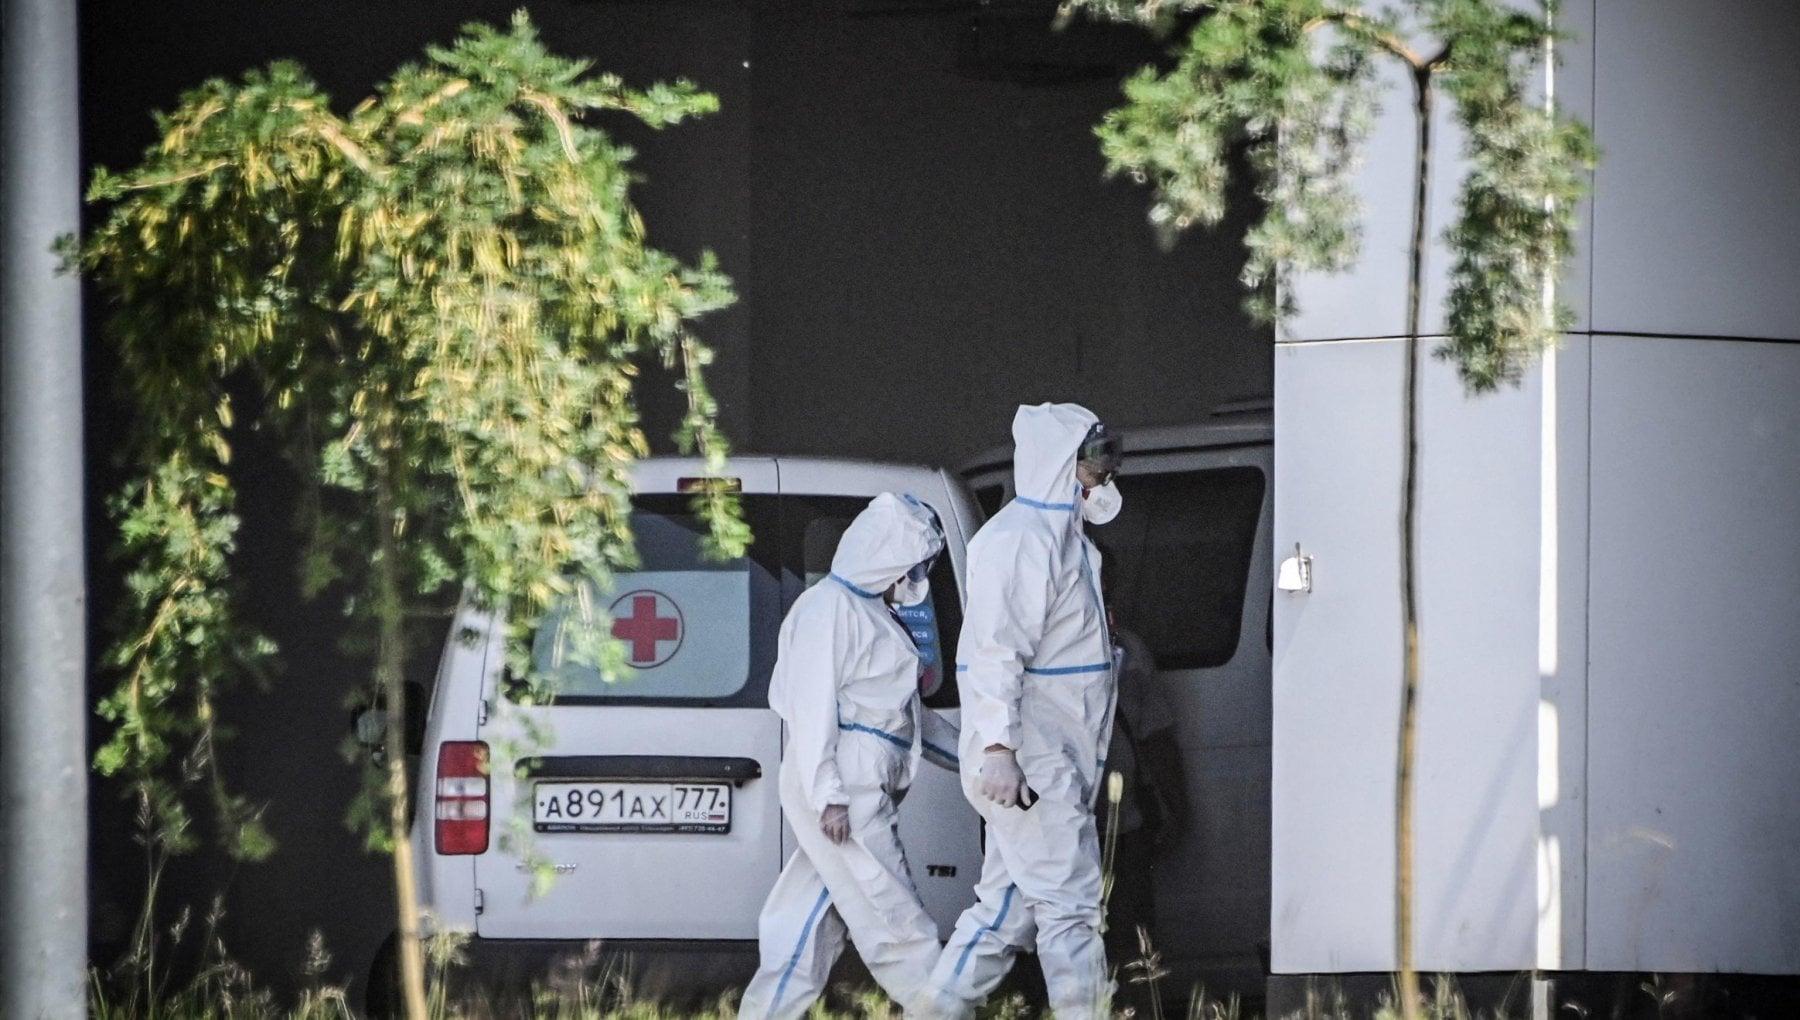 070415598 95b669ee f0f5 4f5b b43a 02b44f722e23 - Coronavirus nel mondo, record di vittime in Russia: la variante Delta spaventa il Cremlino